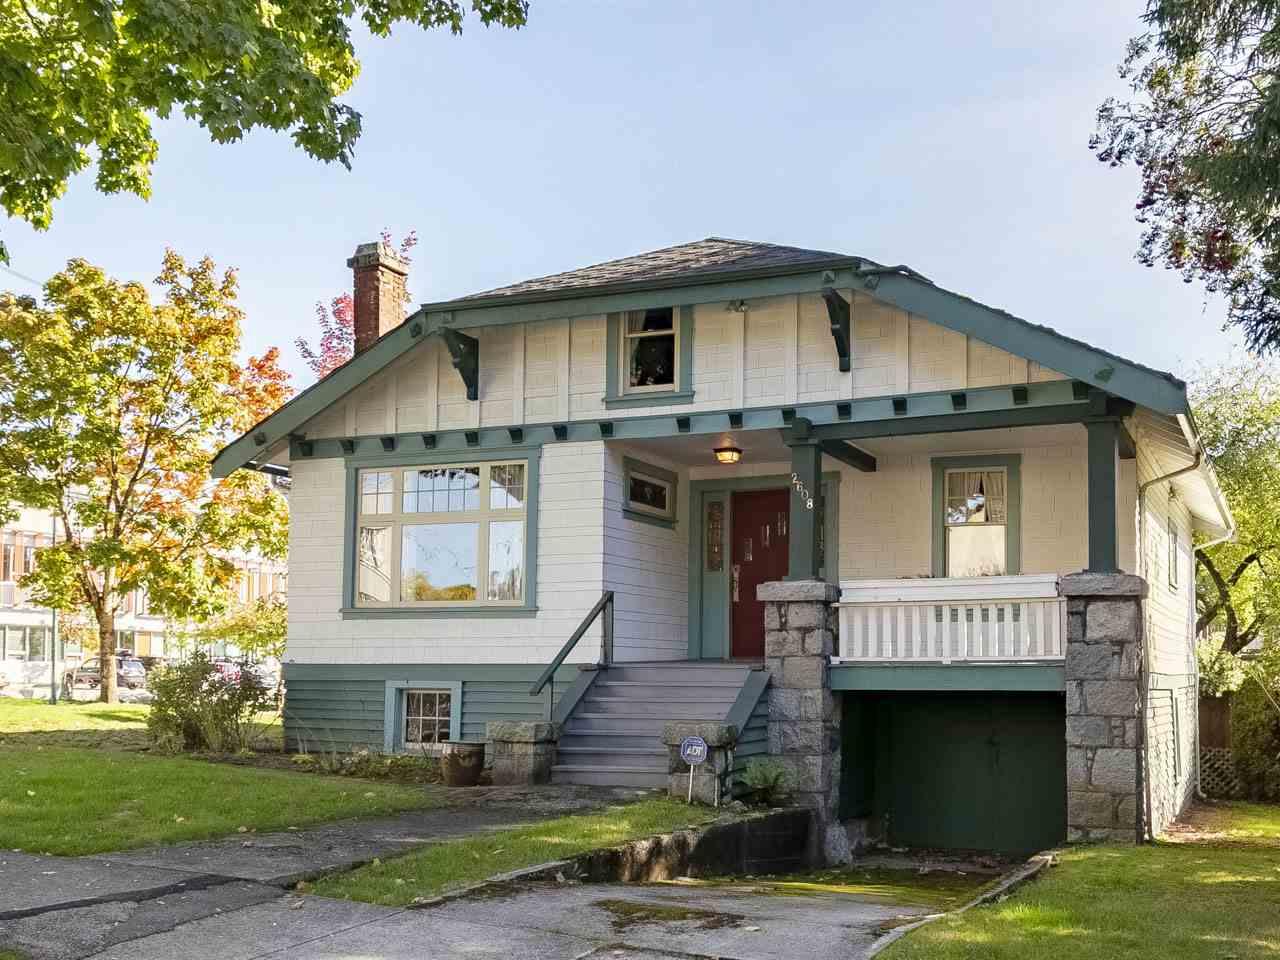 2608 W 11TH AVENUE - Kitsilano - Vancouver